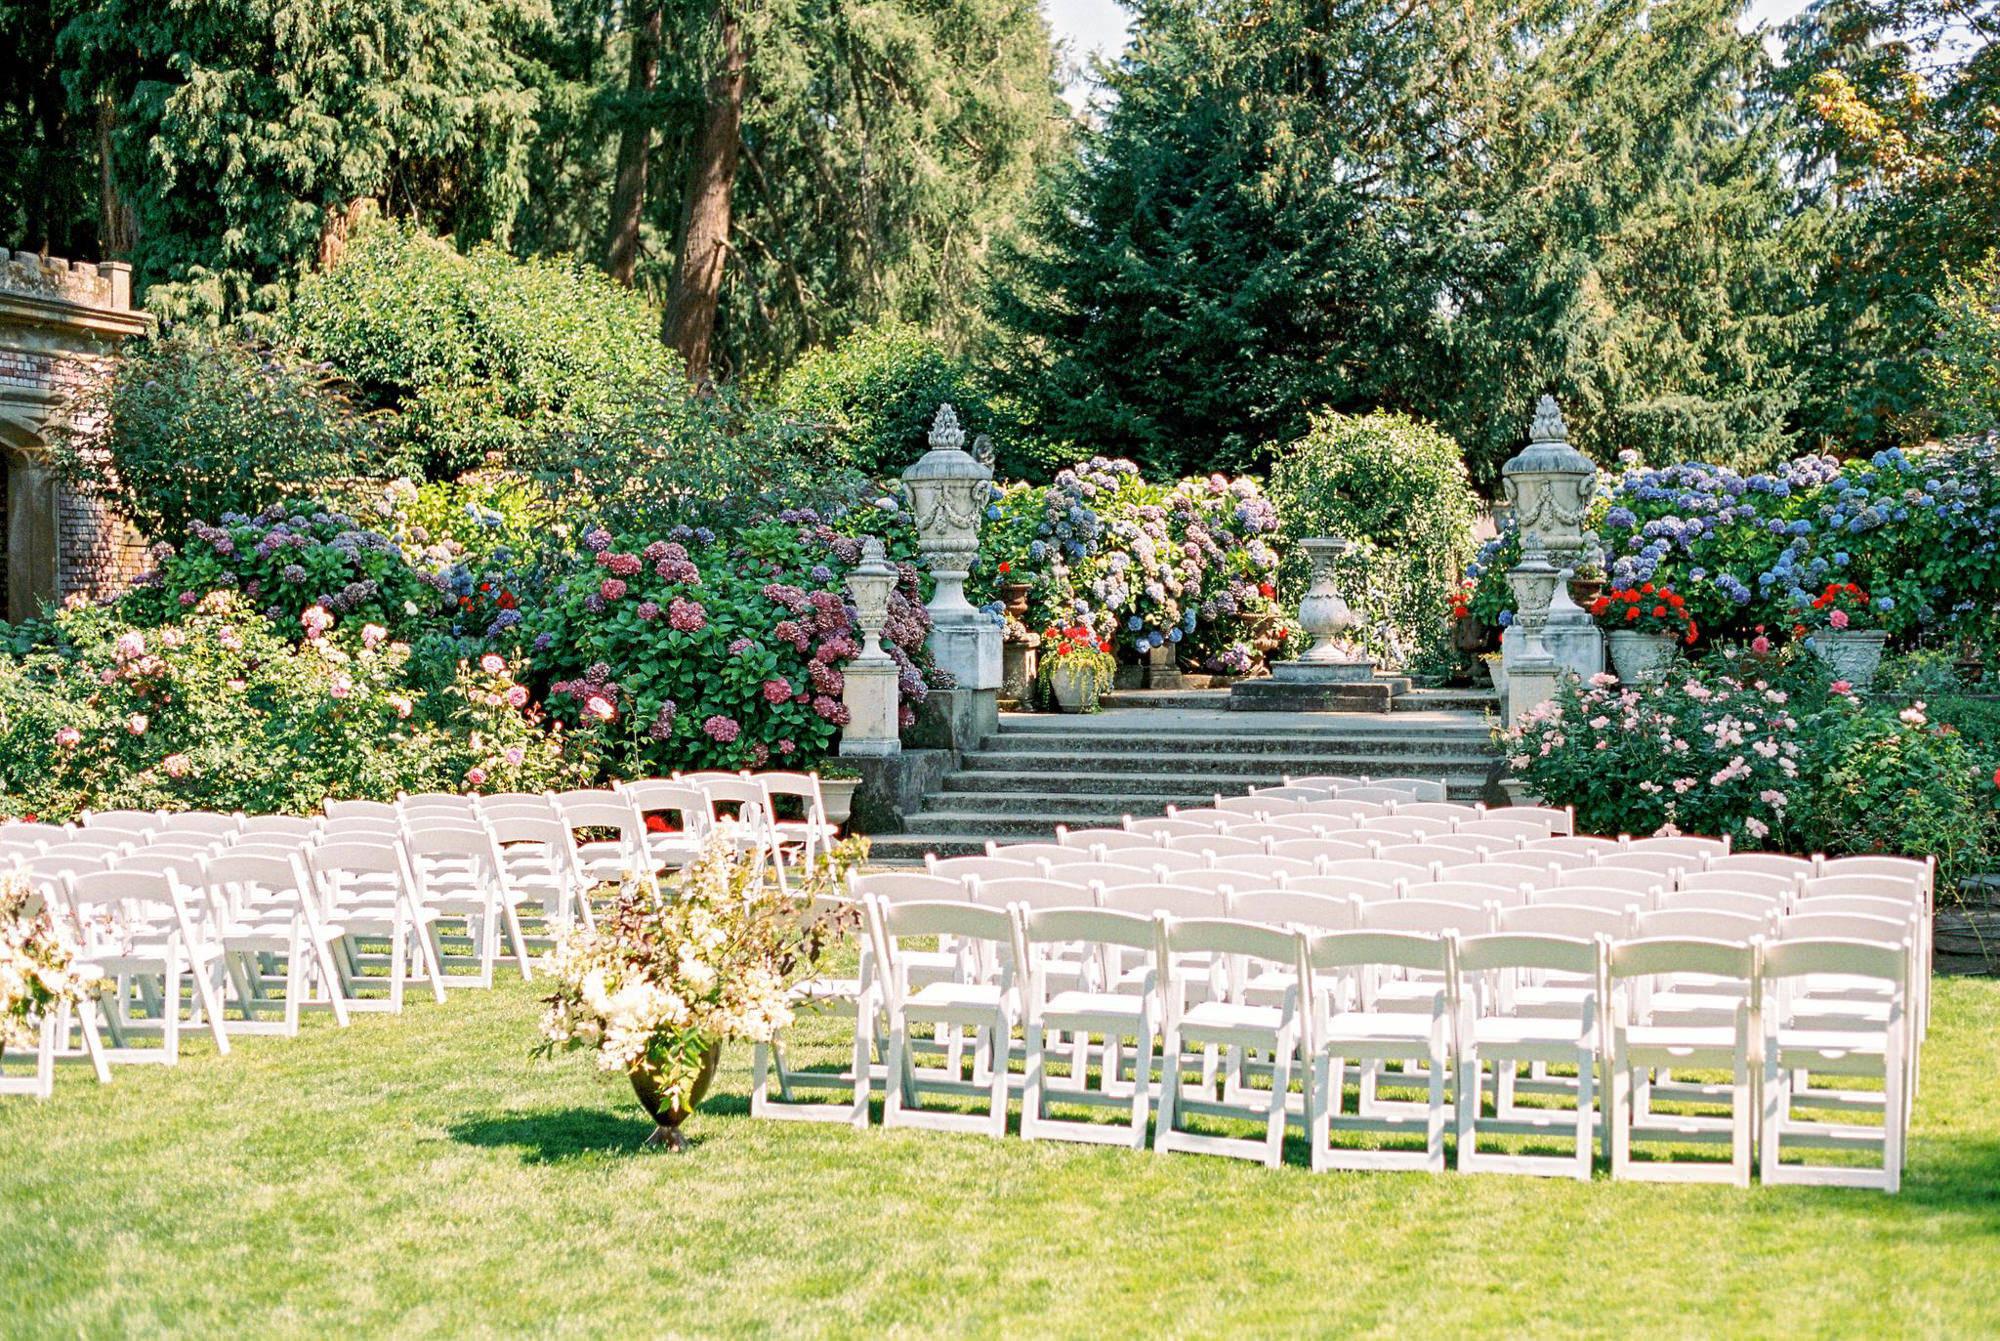 Thornewood castle summer garden ceremony site - Photo by Benj Haisch